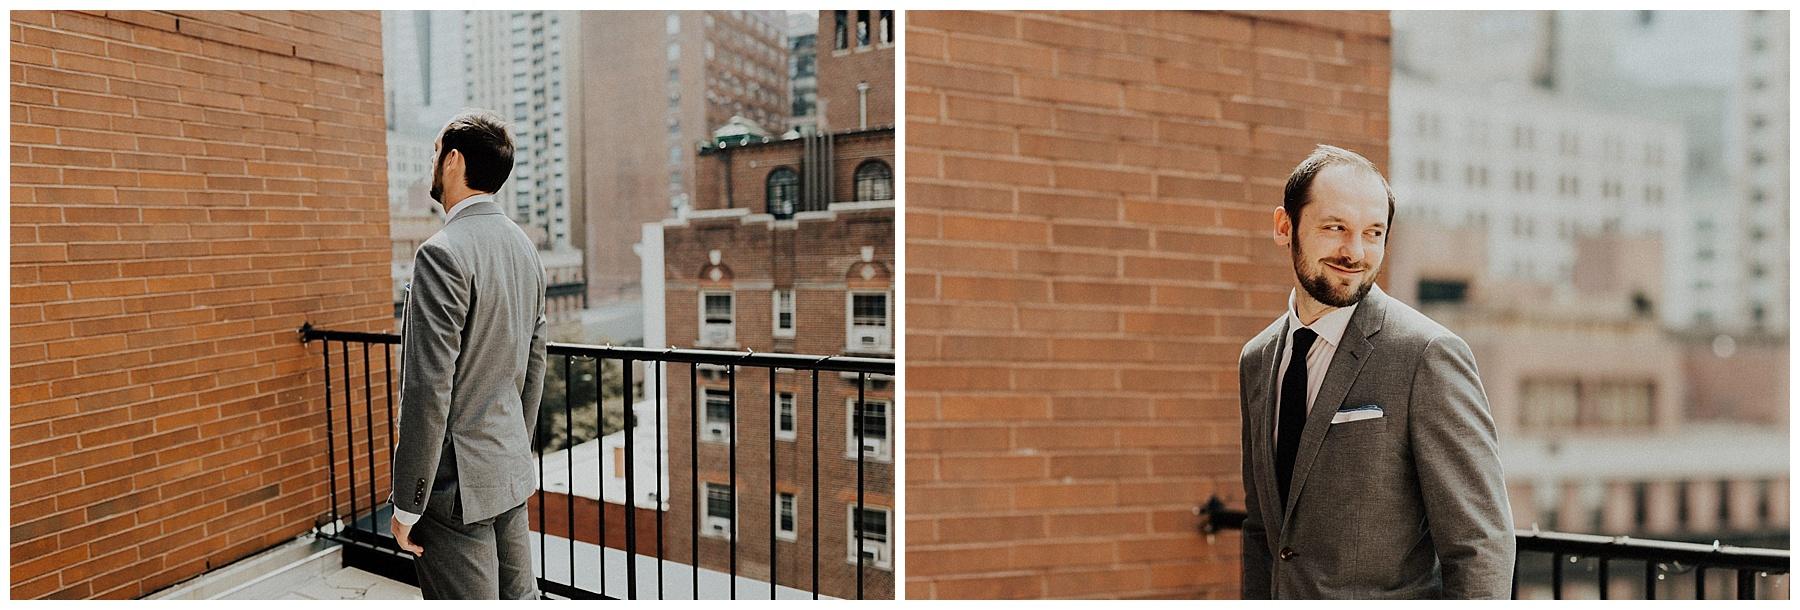 New York City Wedding New York City Wedding Photographer-8.jpg